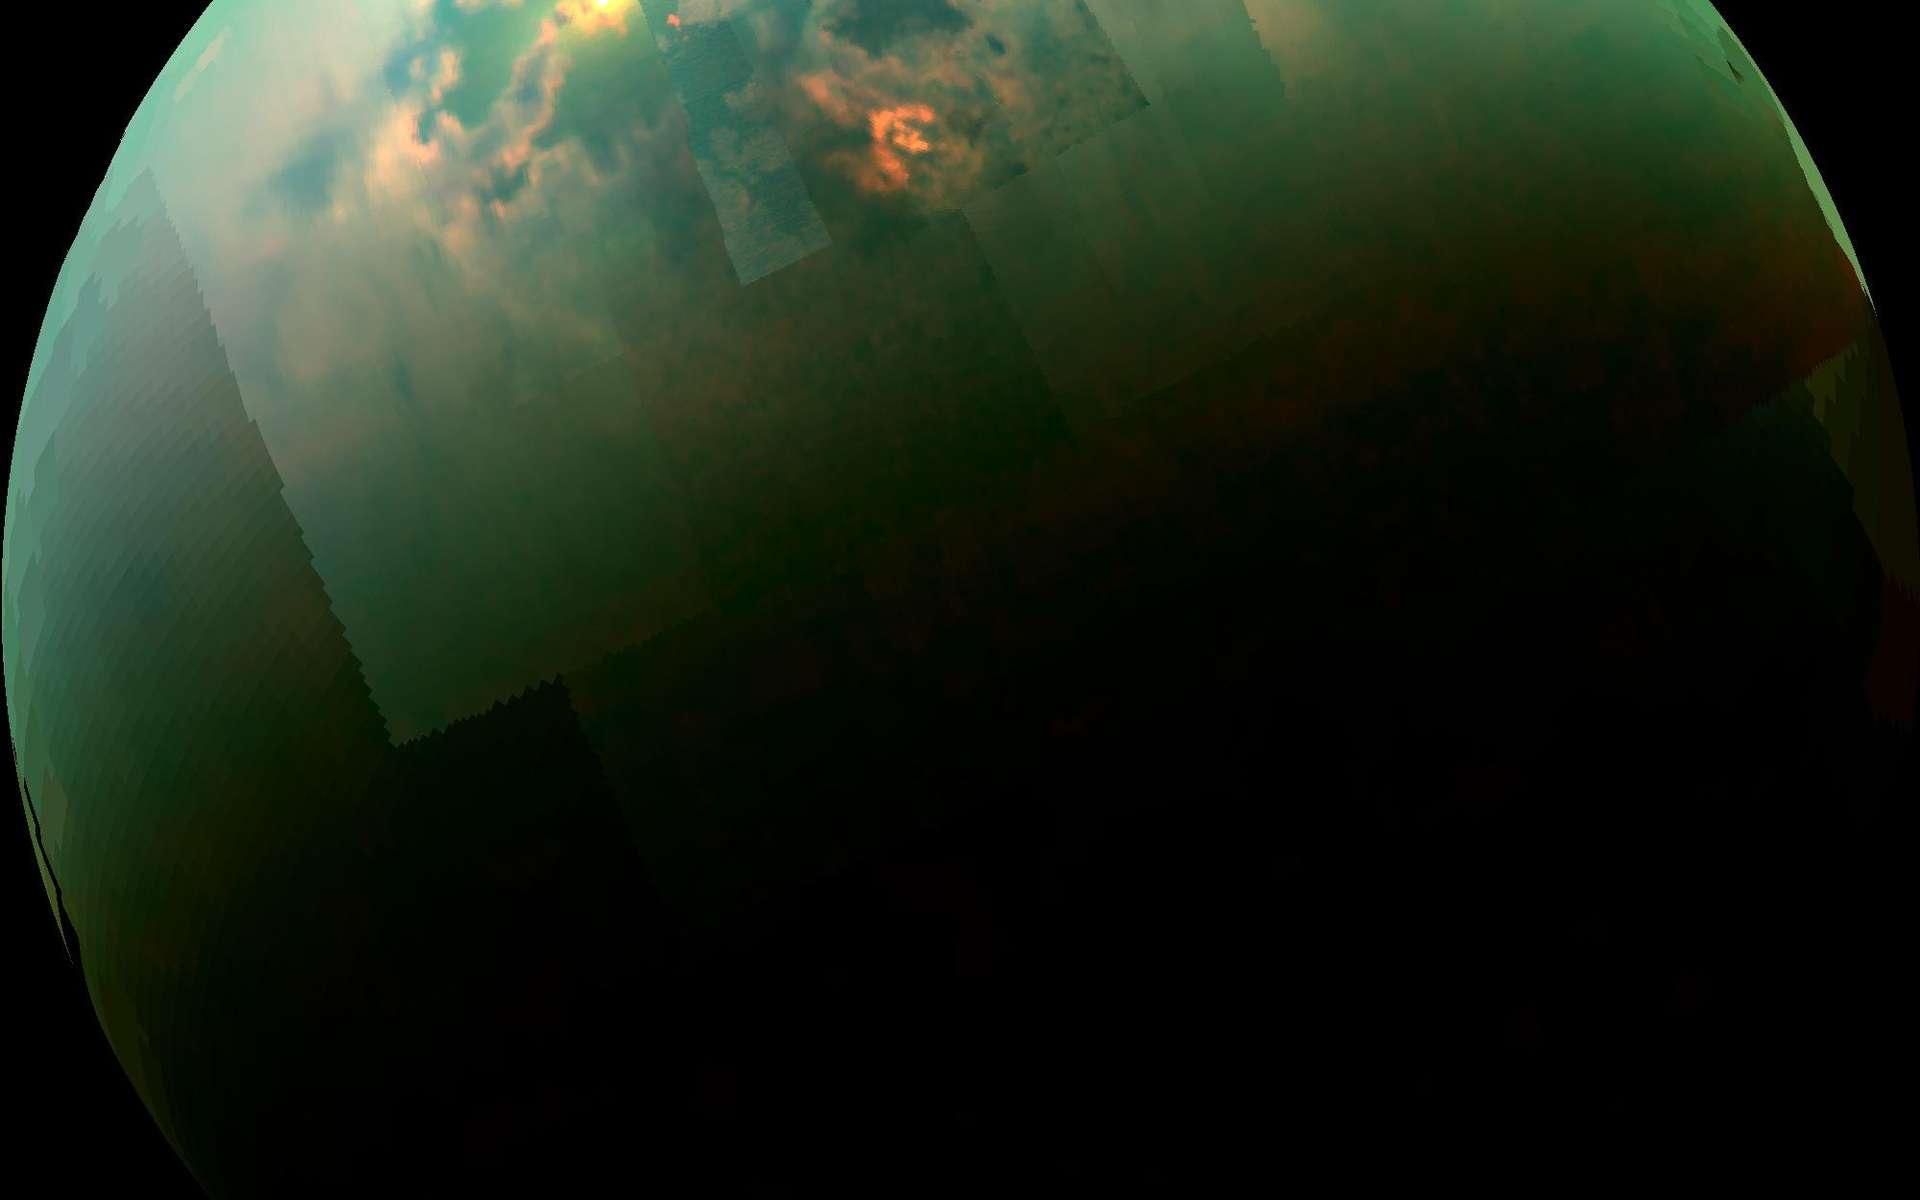 Sur Titan, le reflet du Soleil sur la surface d'hydrocarbures de Kraken Mare, photographié dans l'infrarouge avec l'instrument Vims de Cassini, le 24 août 2014. Si nous avions été présents à cet endroit, nous aurions distingué à travers l'épaisse atmosphère de cette grande lune de Saturne, le Soleil élevé à environ 40° au-dessus de l'horizon. © Nasa, Esa, JPL-Caltech, University of Arizona, University of Idaho